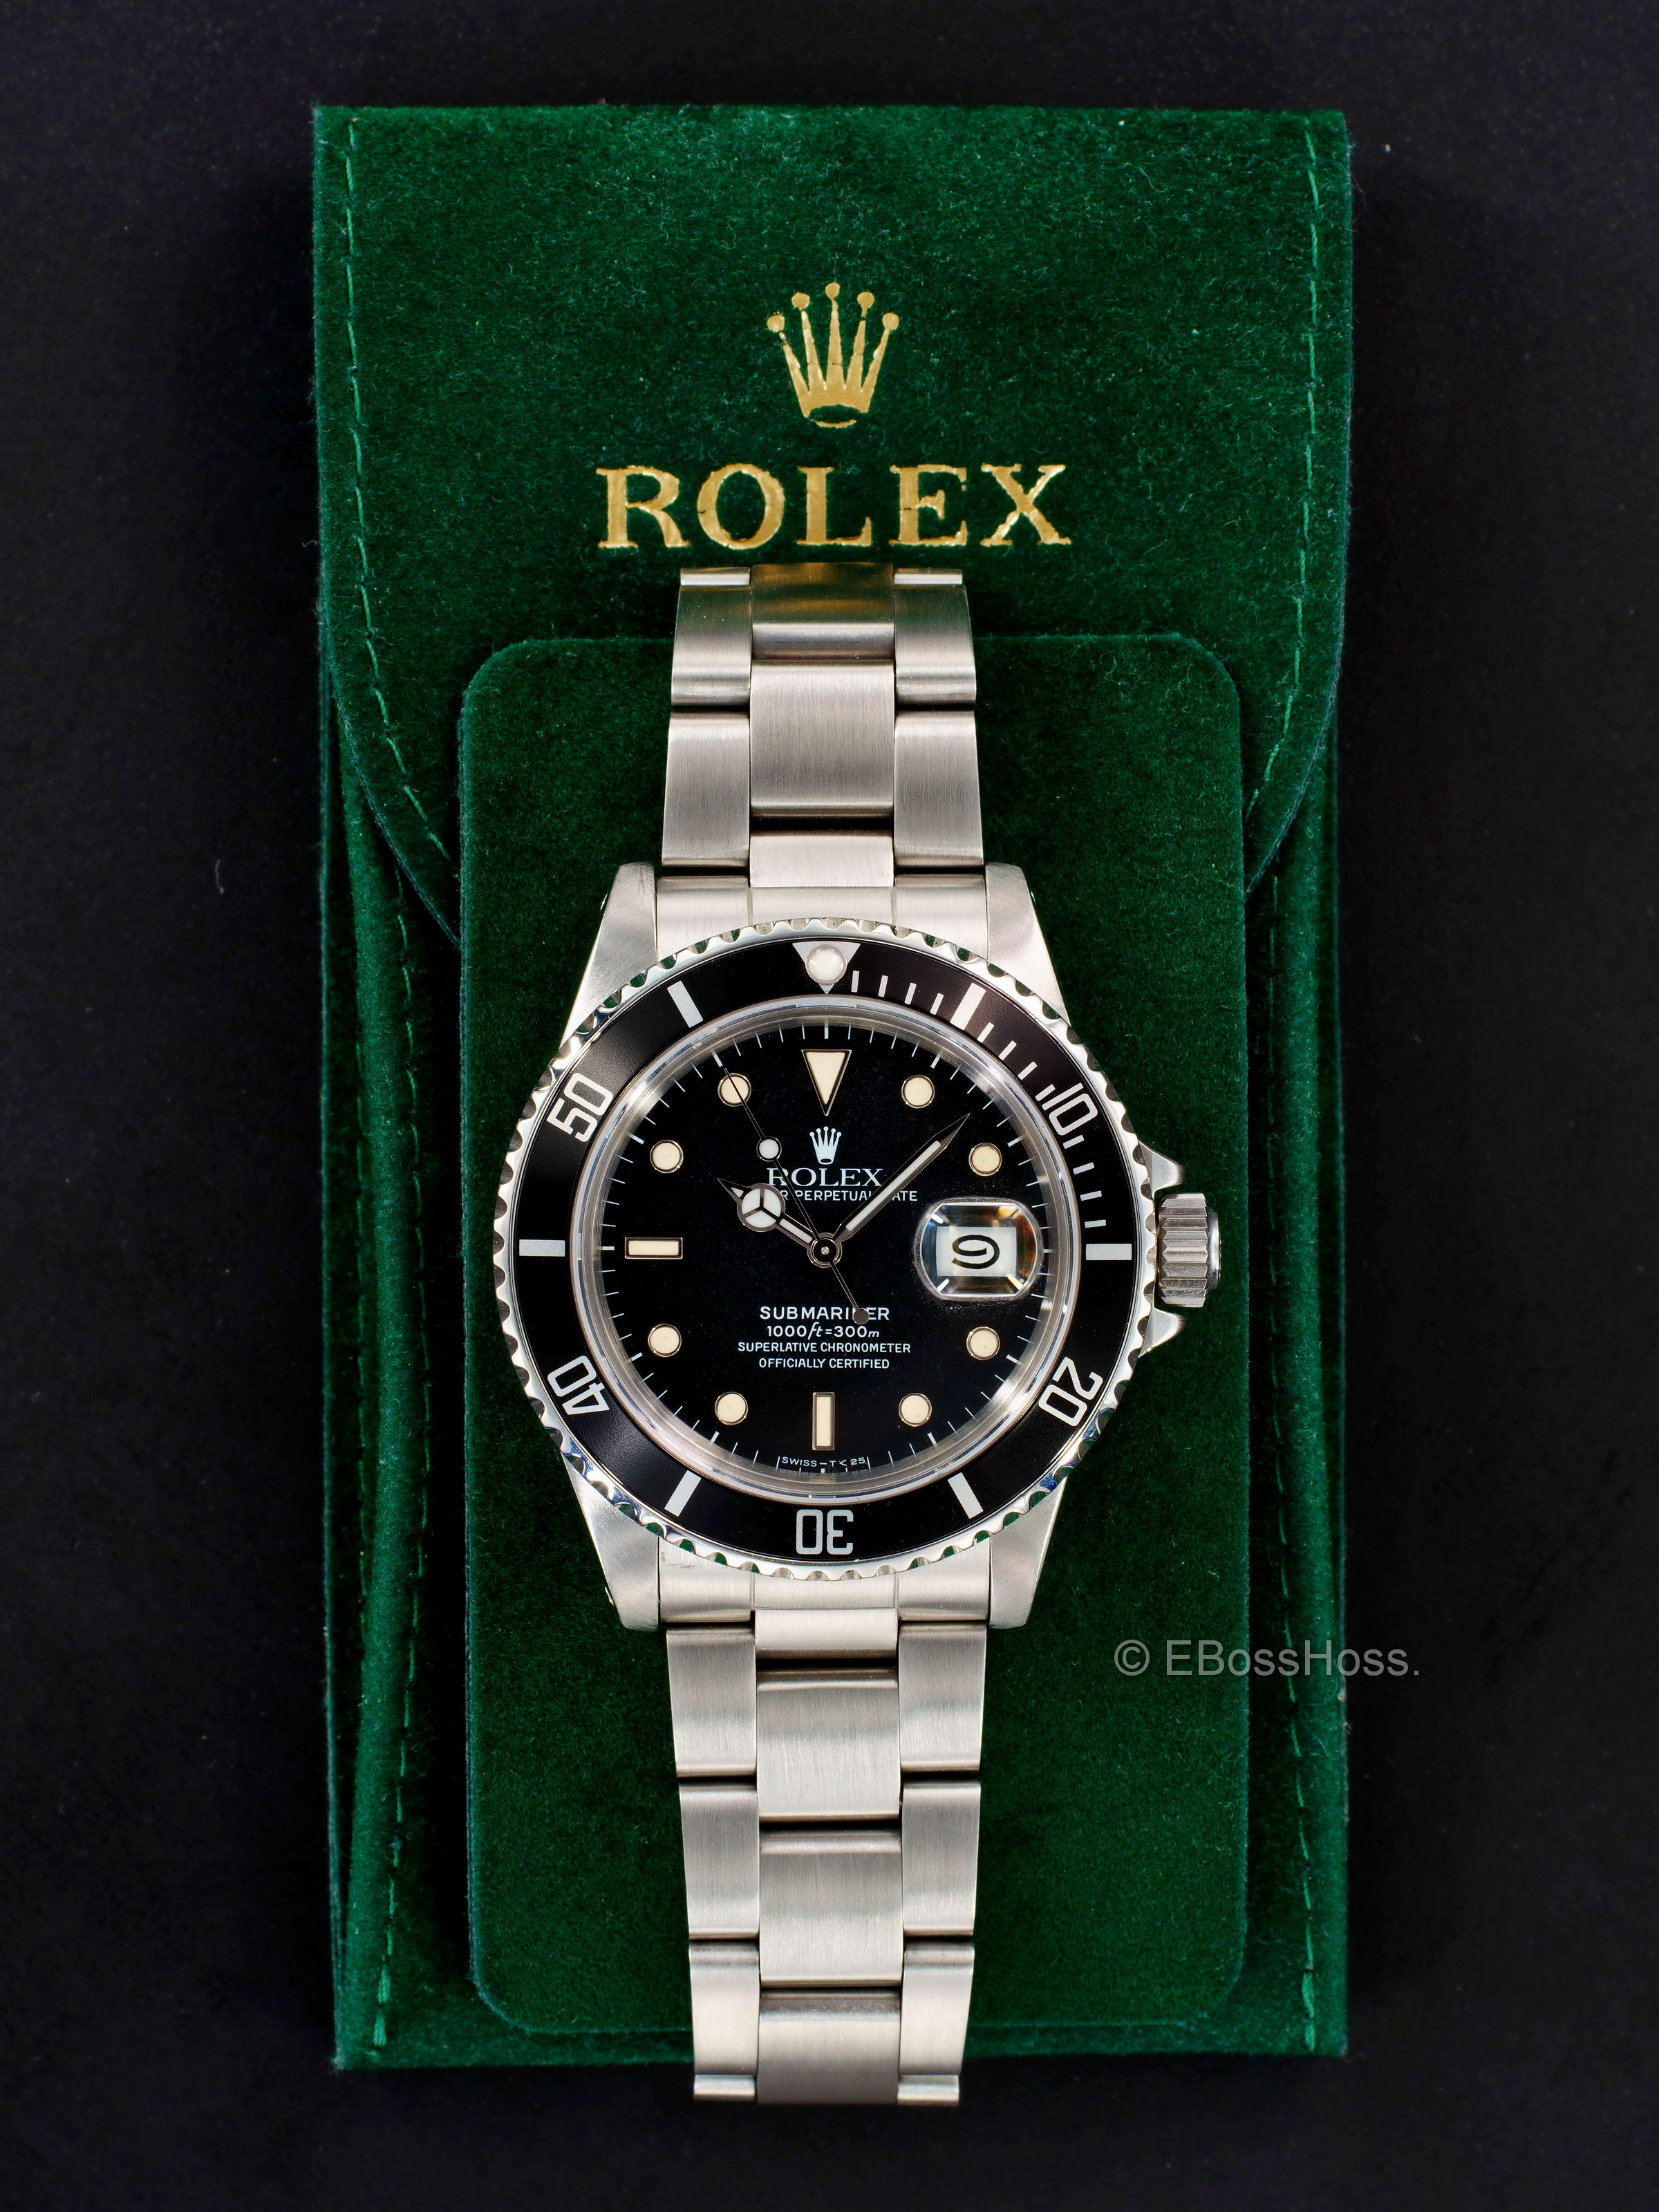 Rolex Vintage 1986 Rolex Submariner Date 16800 Watch